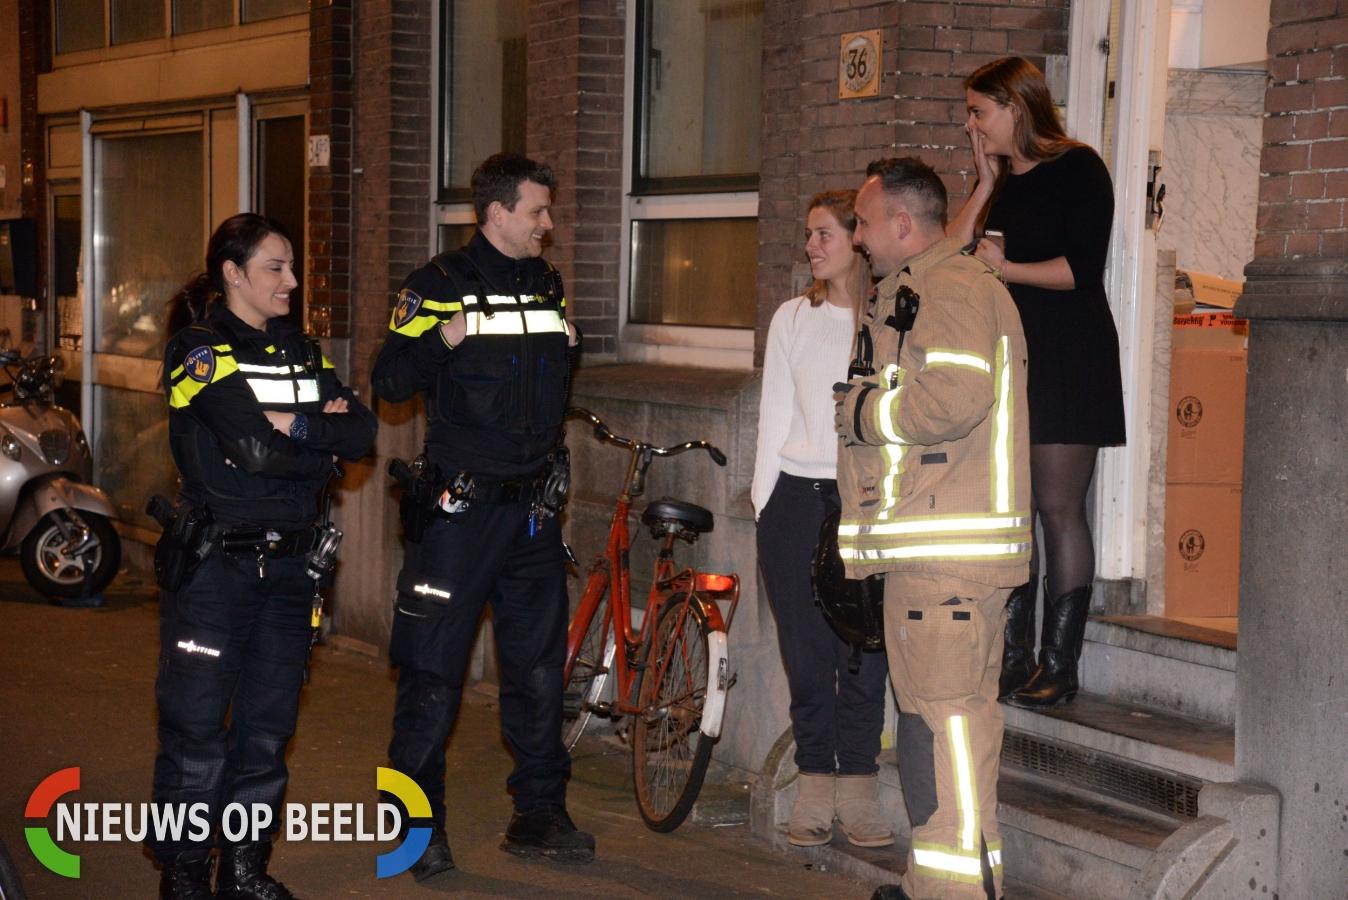 Brandweer rukt uit voor brandje in oven studentenhuis Oostzeedijk Rotterdam